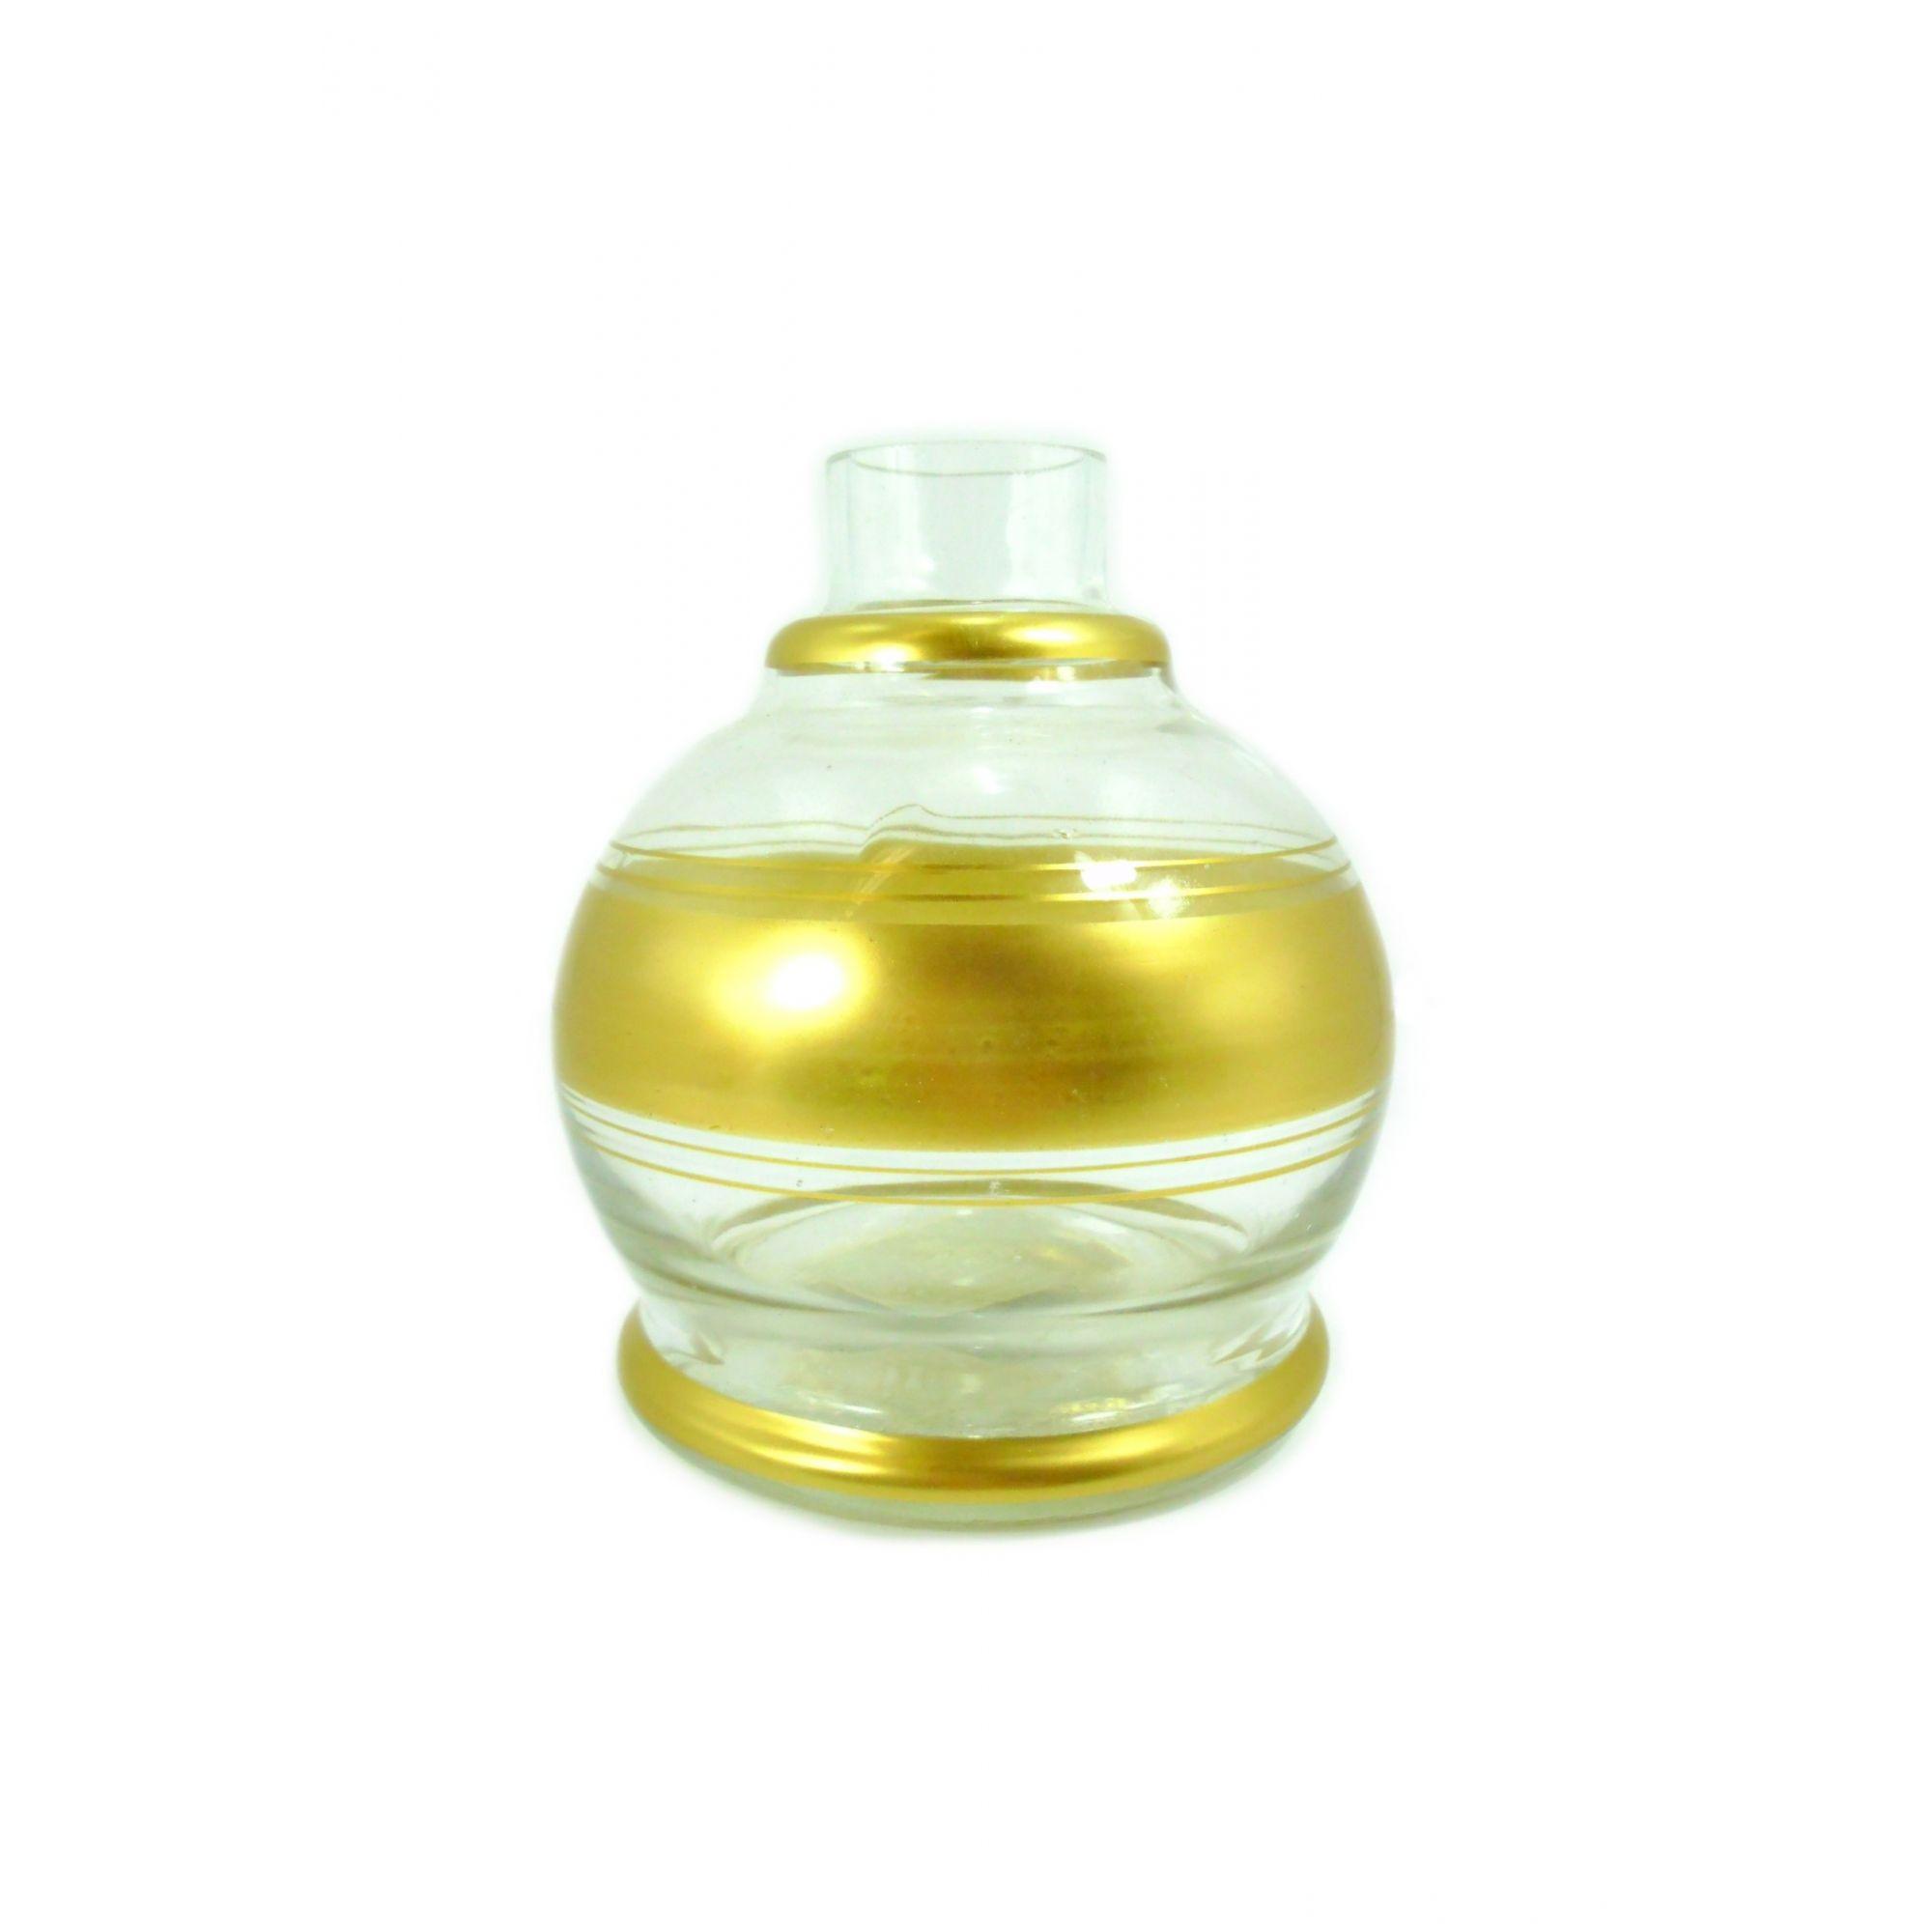 Vaso/base para narguile em vidro, KIMO BALL com listras douradas. 13cm alt. Encaixe macho (interno). Transparente/dour.